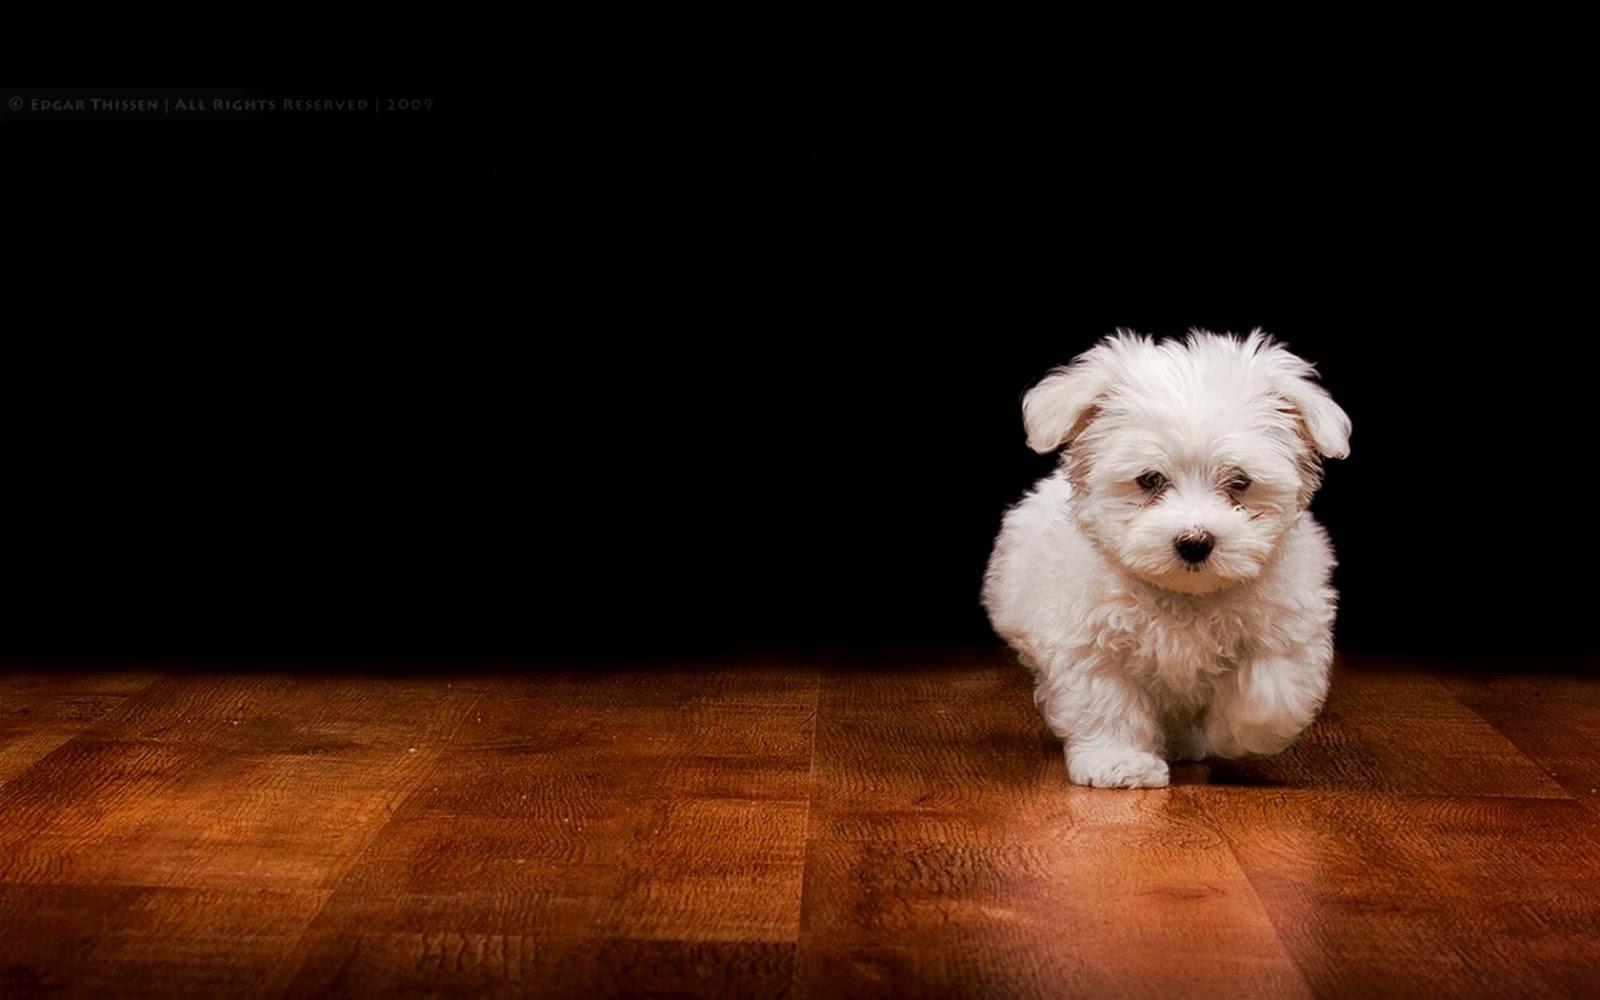 Imágenes De Animales En Hd Para Fondo De Pantalla: Fondo De Pantalla Animales Perro Blanco